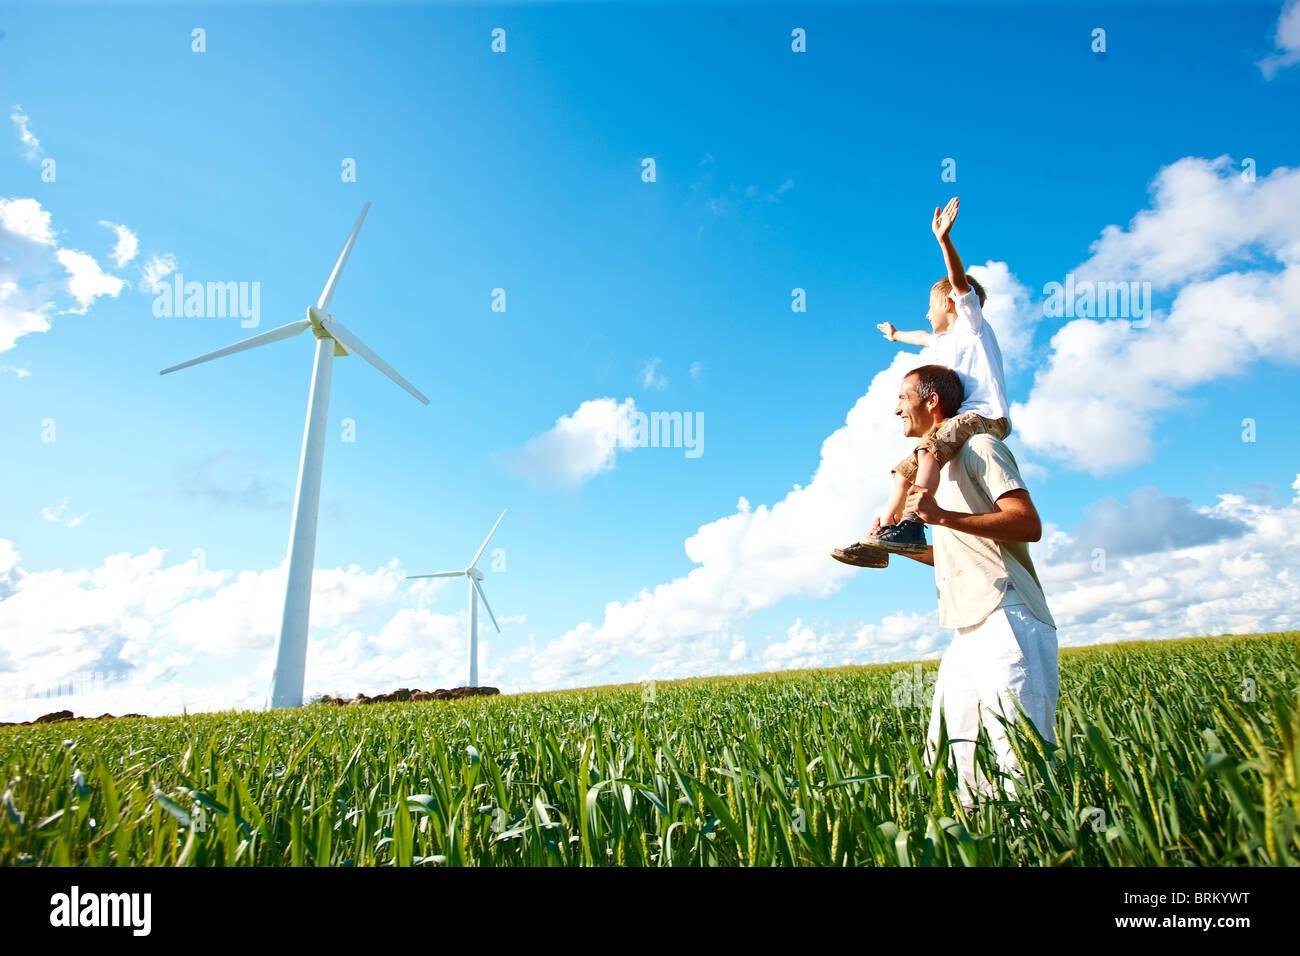 Weiter und Sohn betrachten Windkraftanlage Stockbild